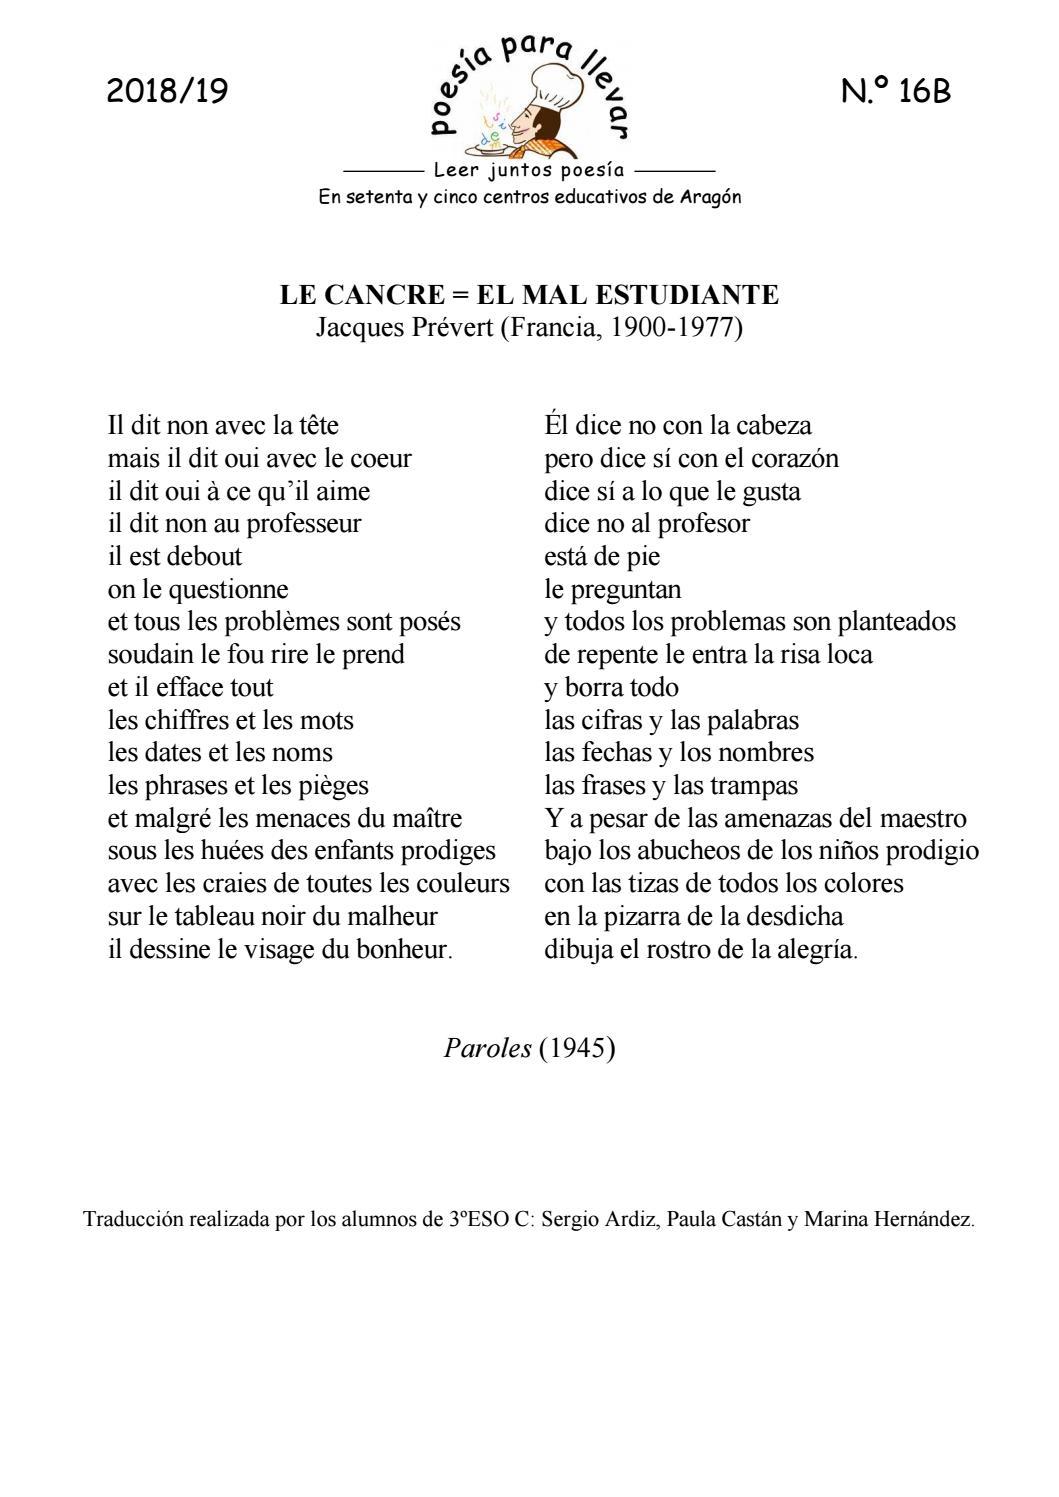 Ppll181916bjacques Prévert Le Cancreel Mal Estudiante